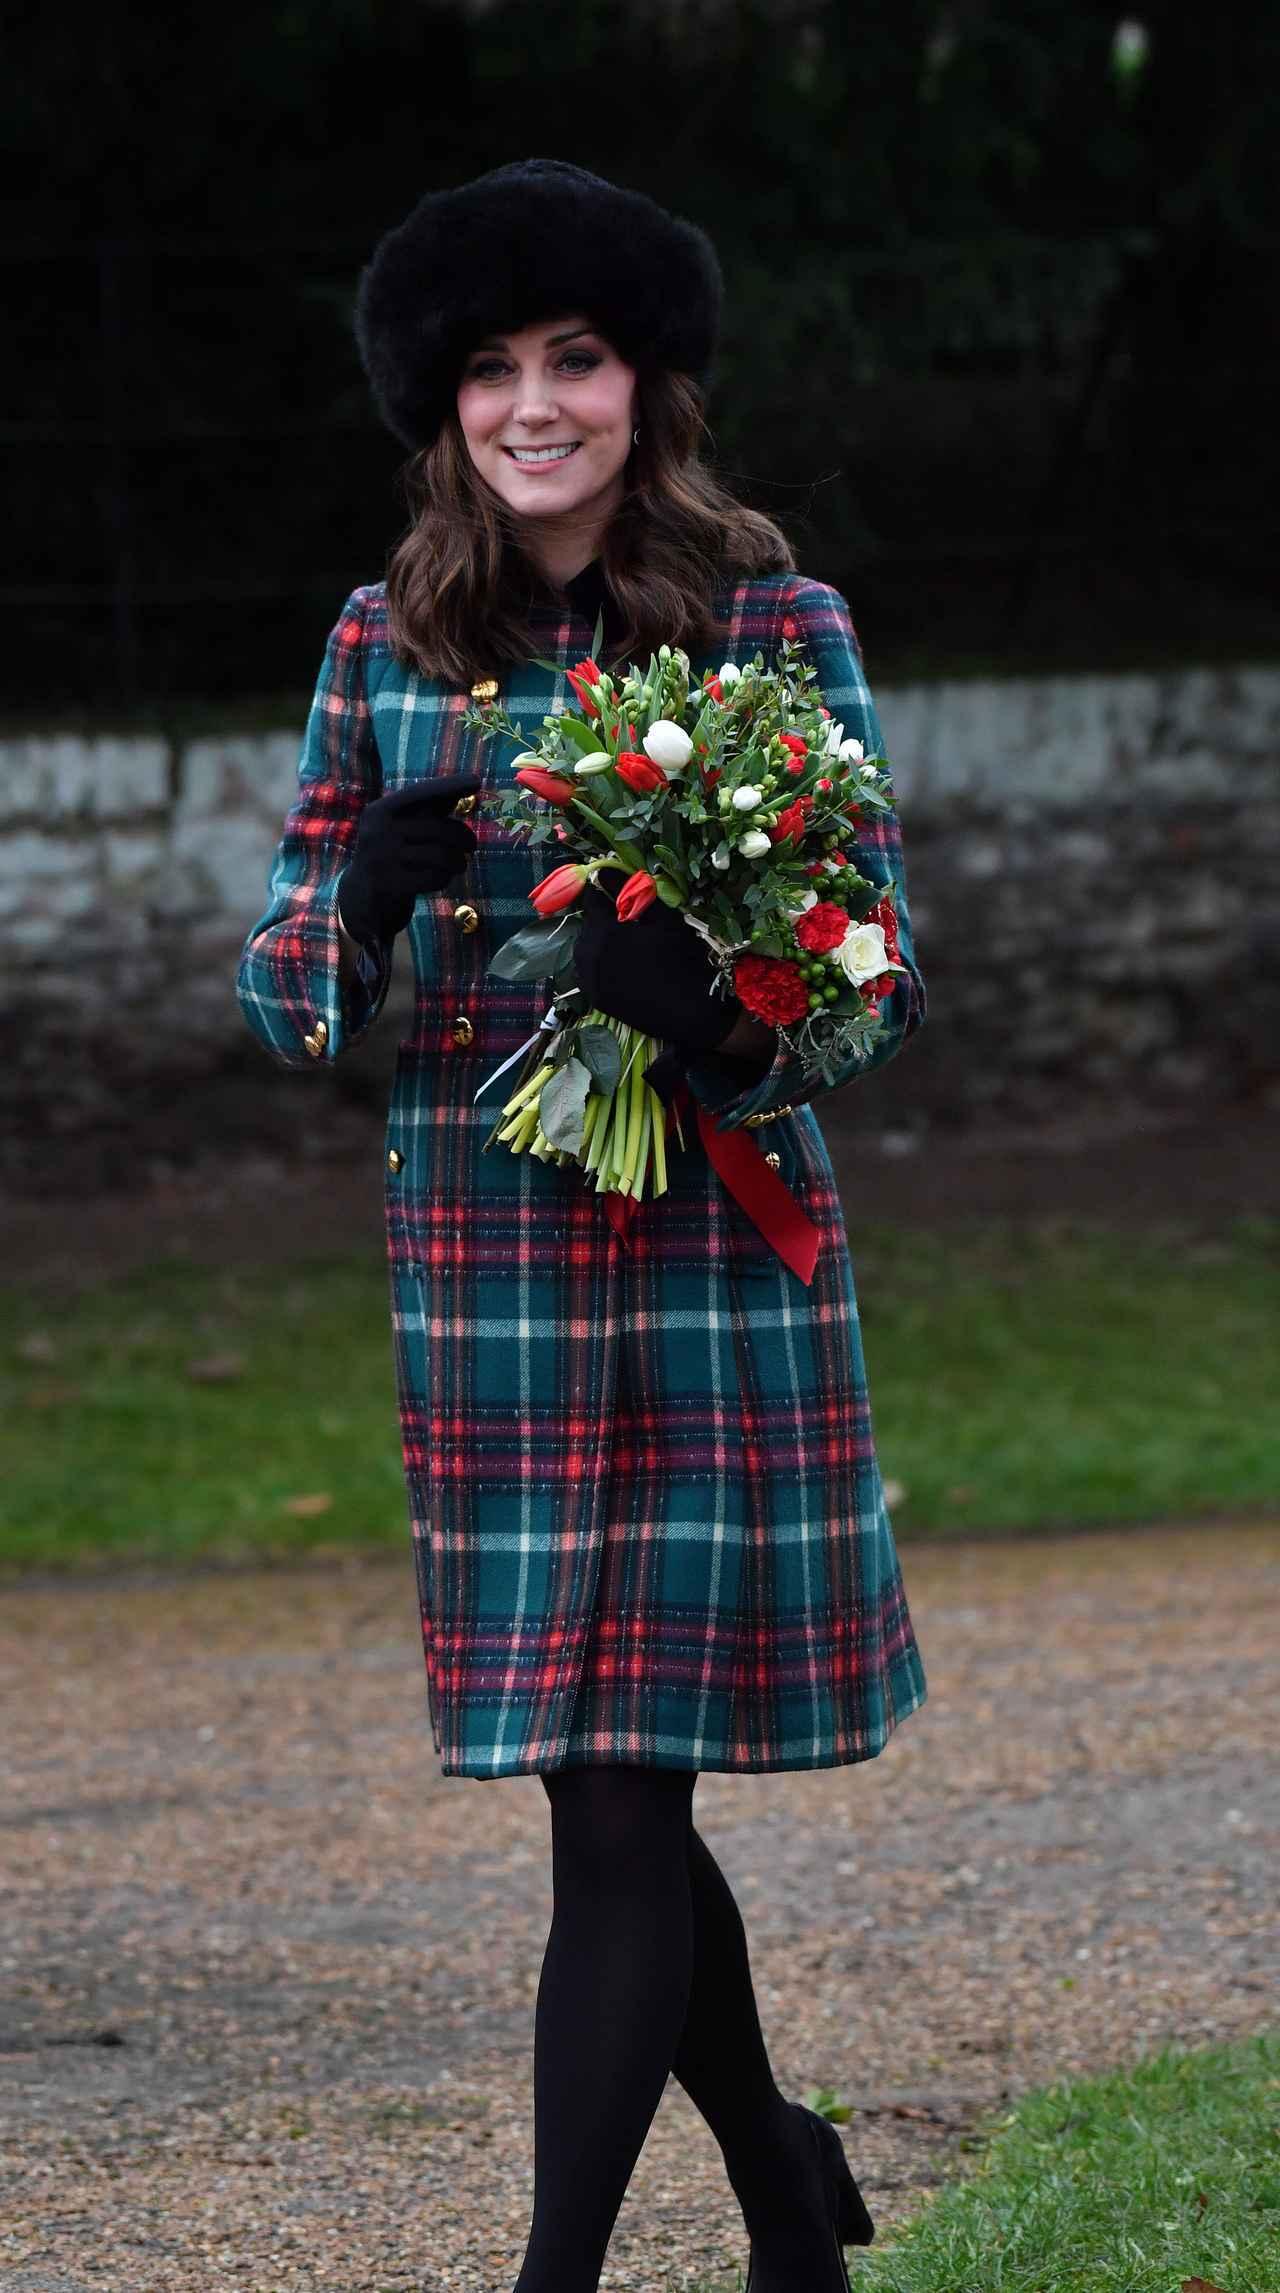 画像3: キャサリン妃とのショットも!ヘンリー王子の婚約者メーガン、英王室の恒例行事に参加